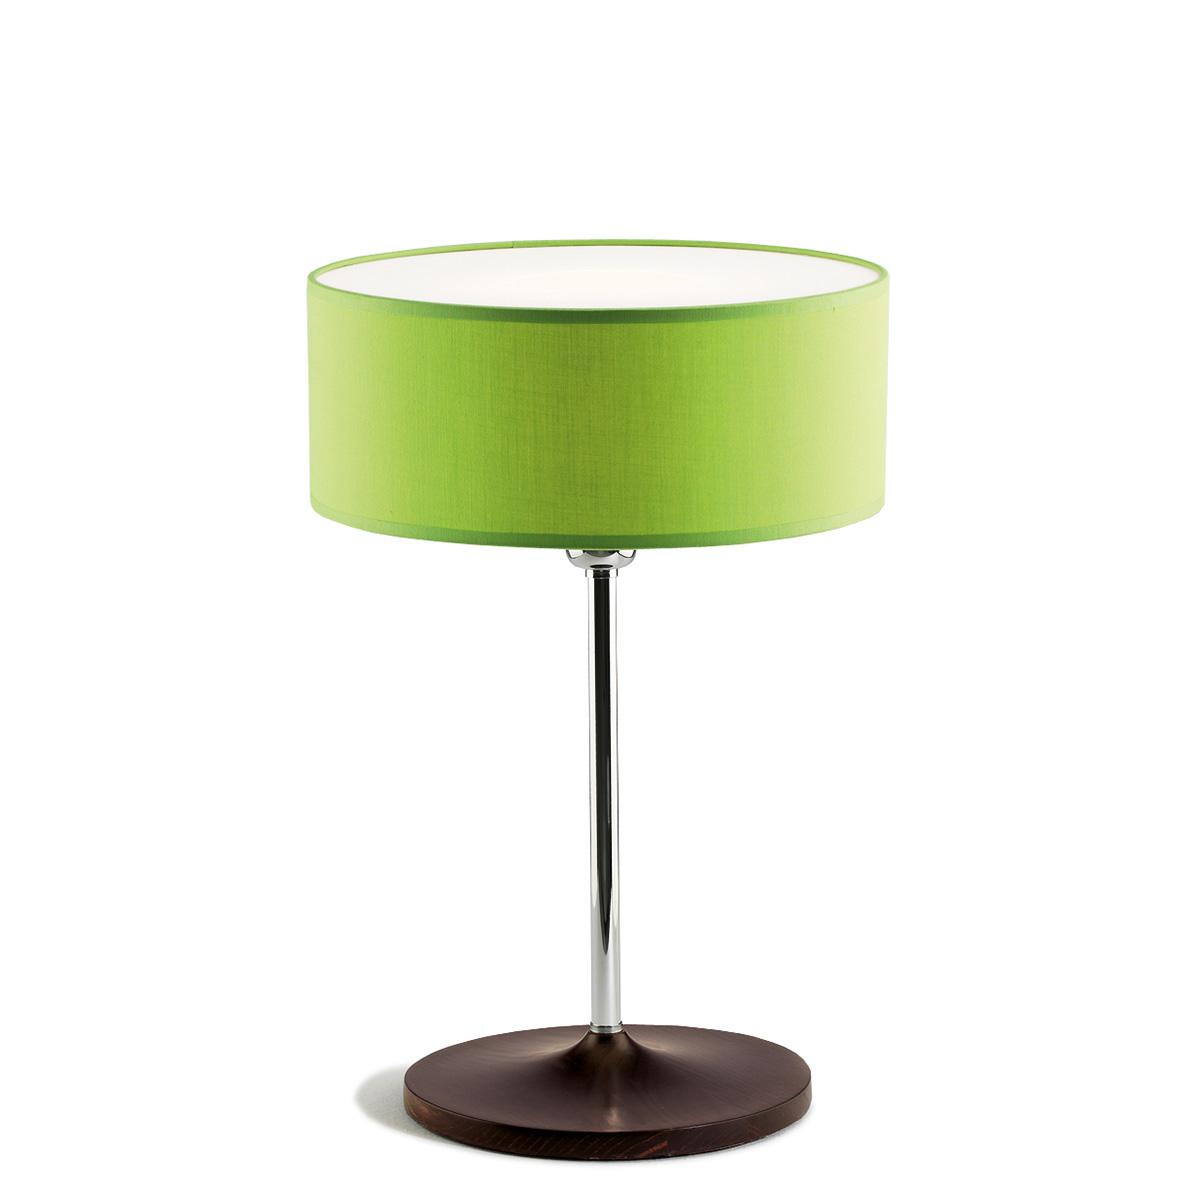 Επιτραπέζια λάμπα με πράσινο καπέλο DISCO ZEN green shade table lamp